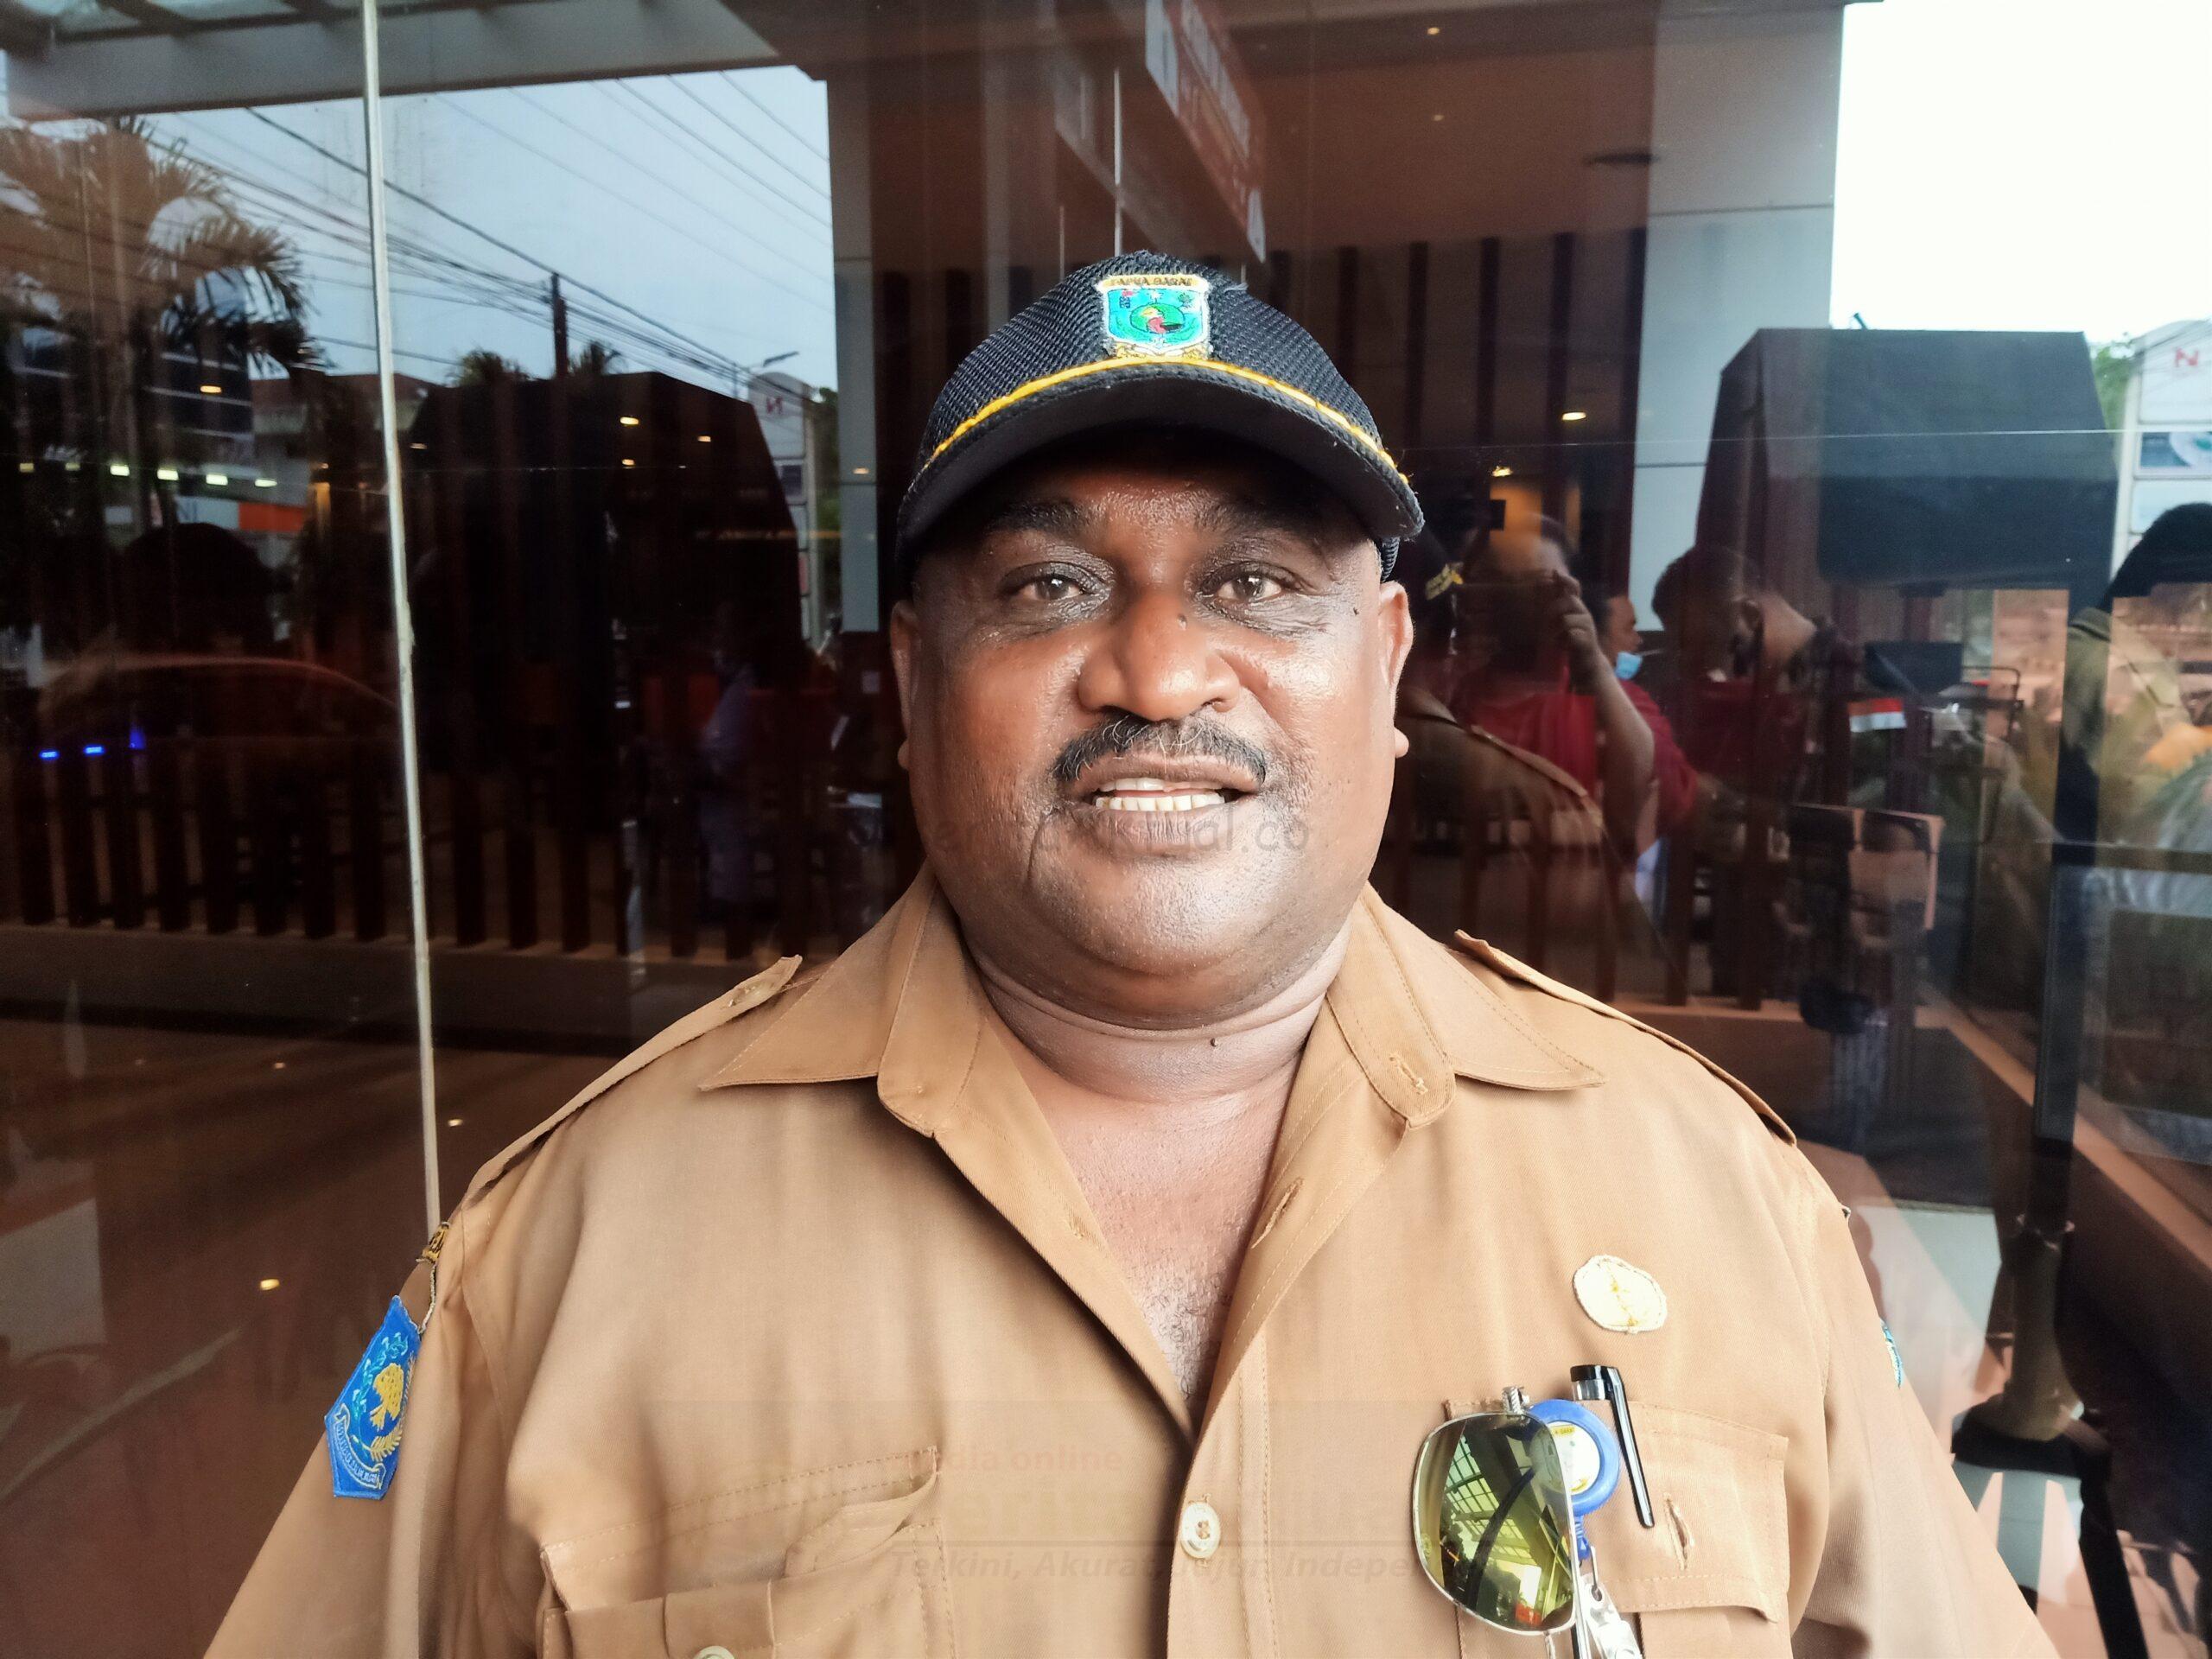 Dinsos Papua Barat, Salurkan Dana KPM dan BST Untuk 39.905 KK 18 IMG20210104164305 scaled